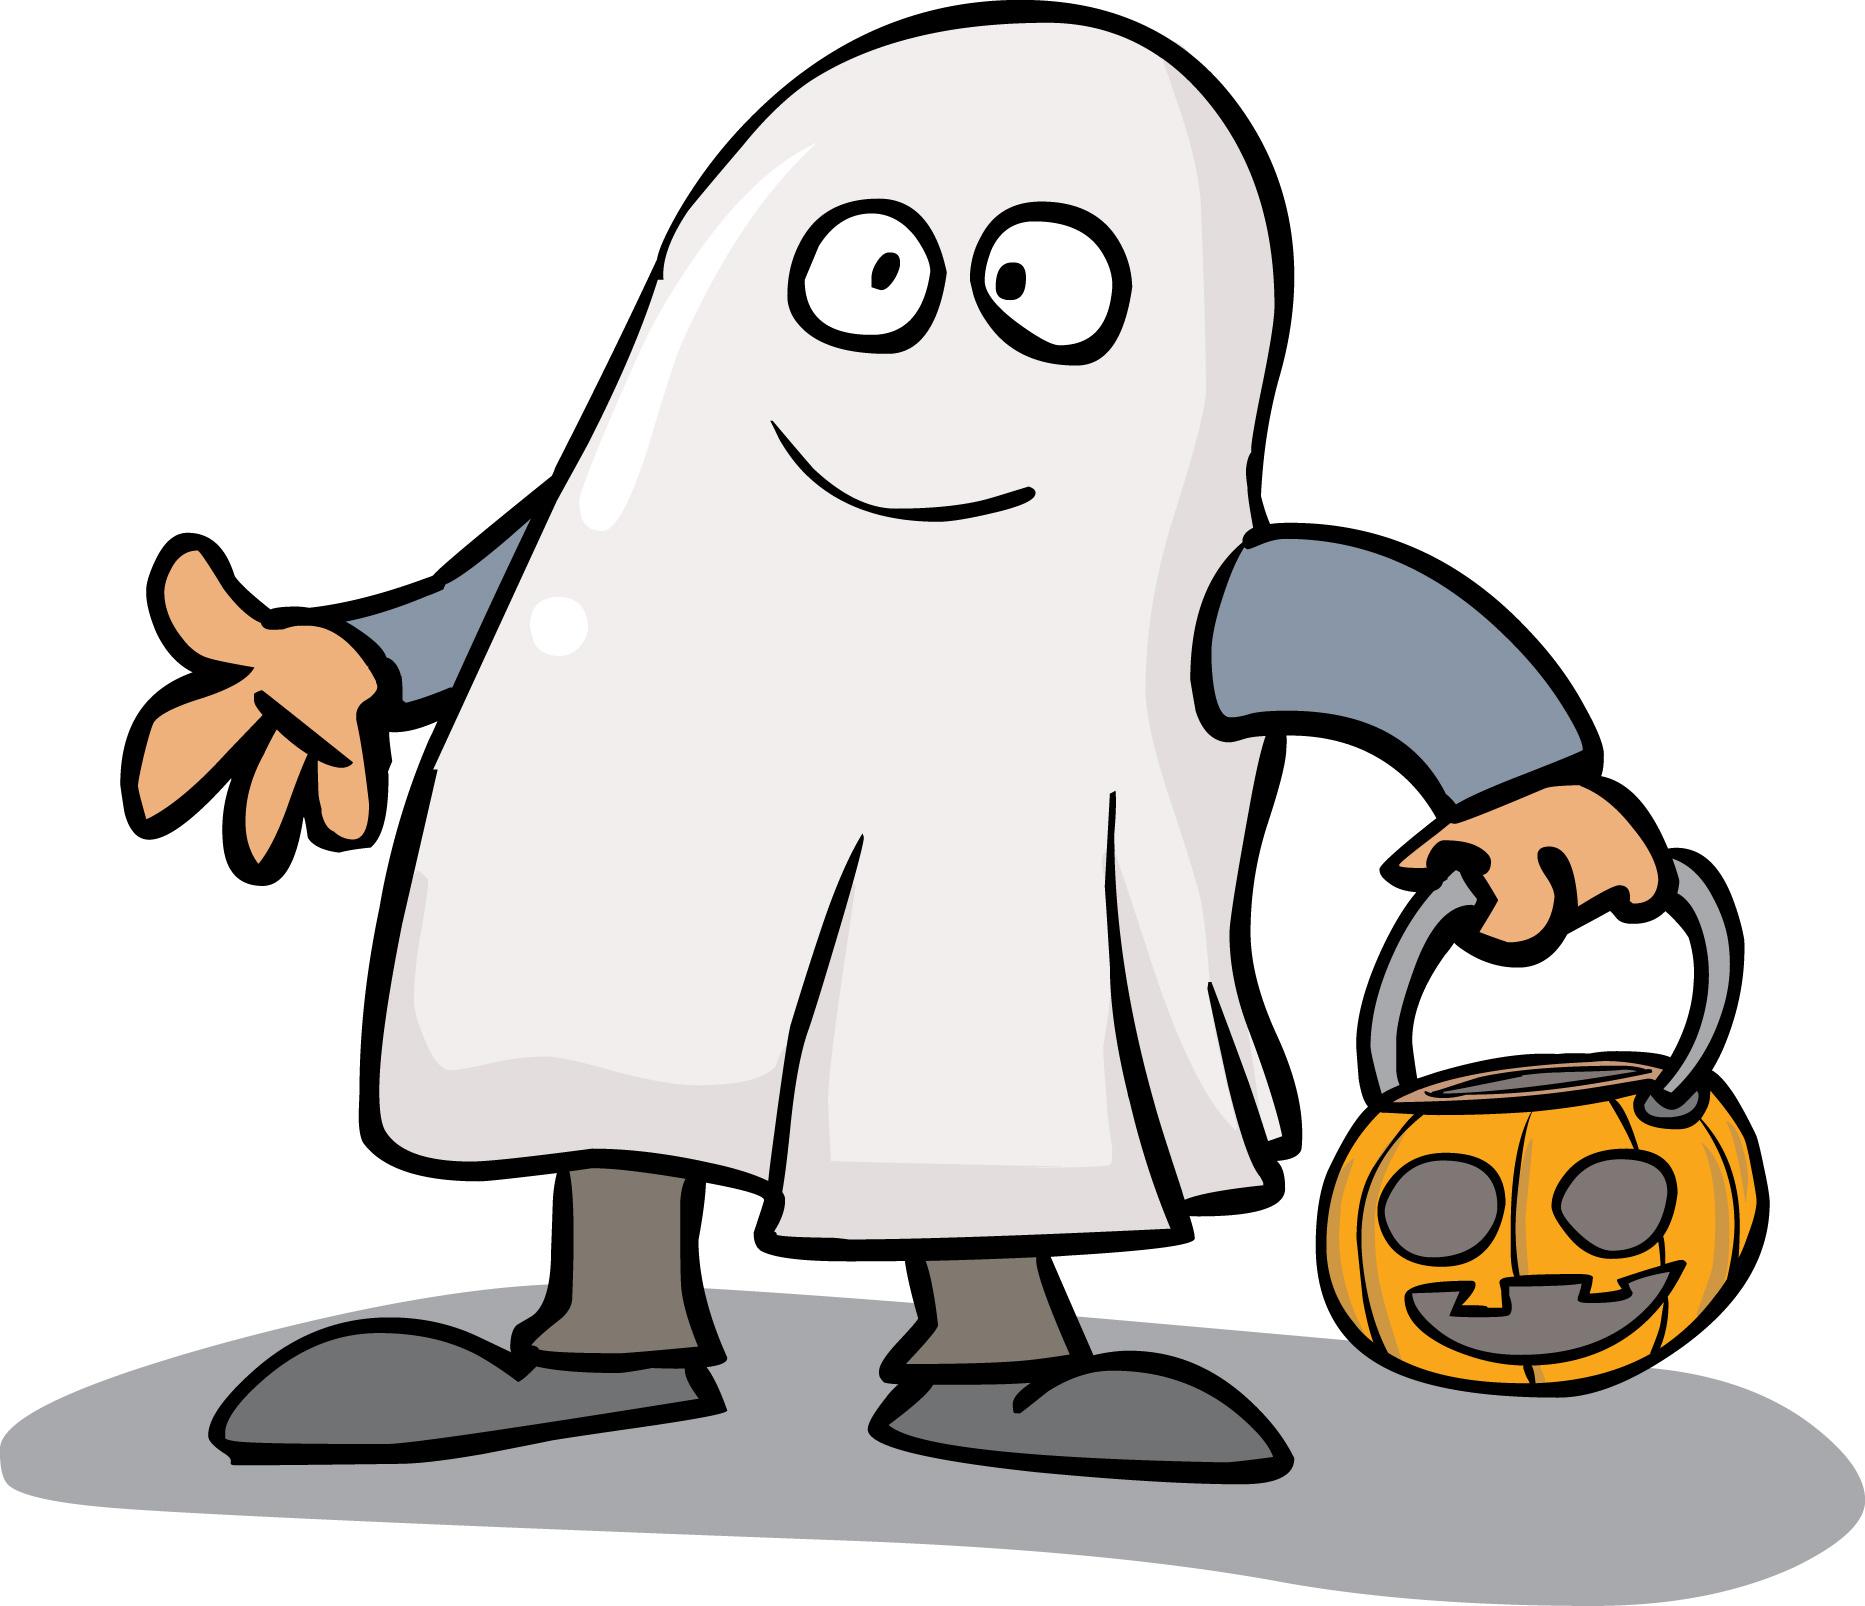 Halloween character pumpkin girl clipart png transparent stock Halloween character ghost clipart - ClipartFest png transparent stock